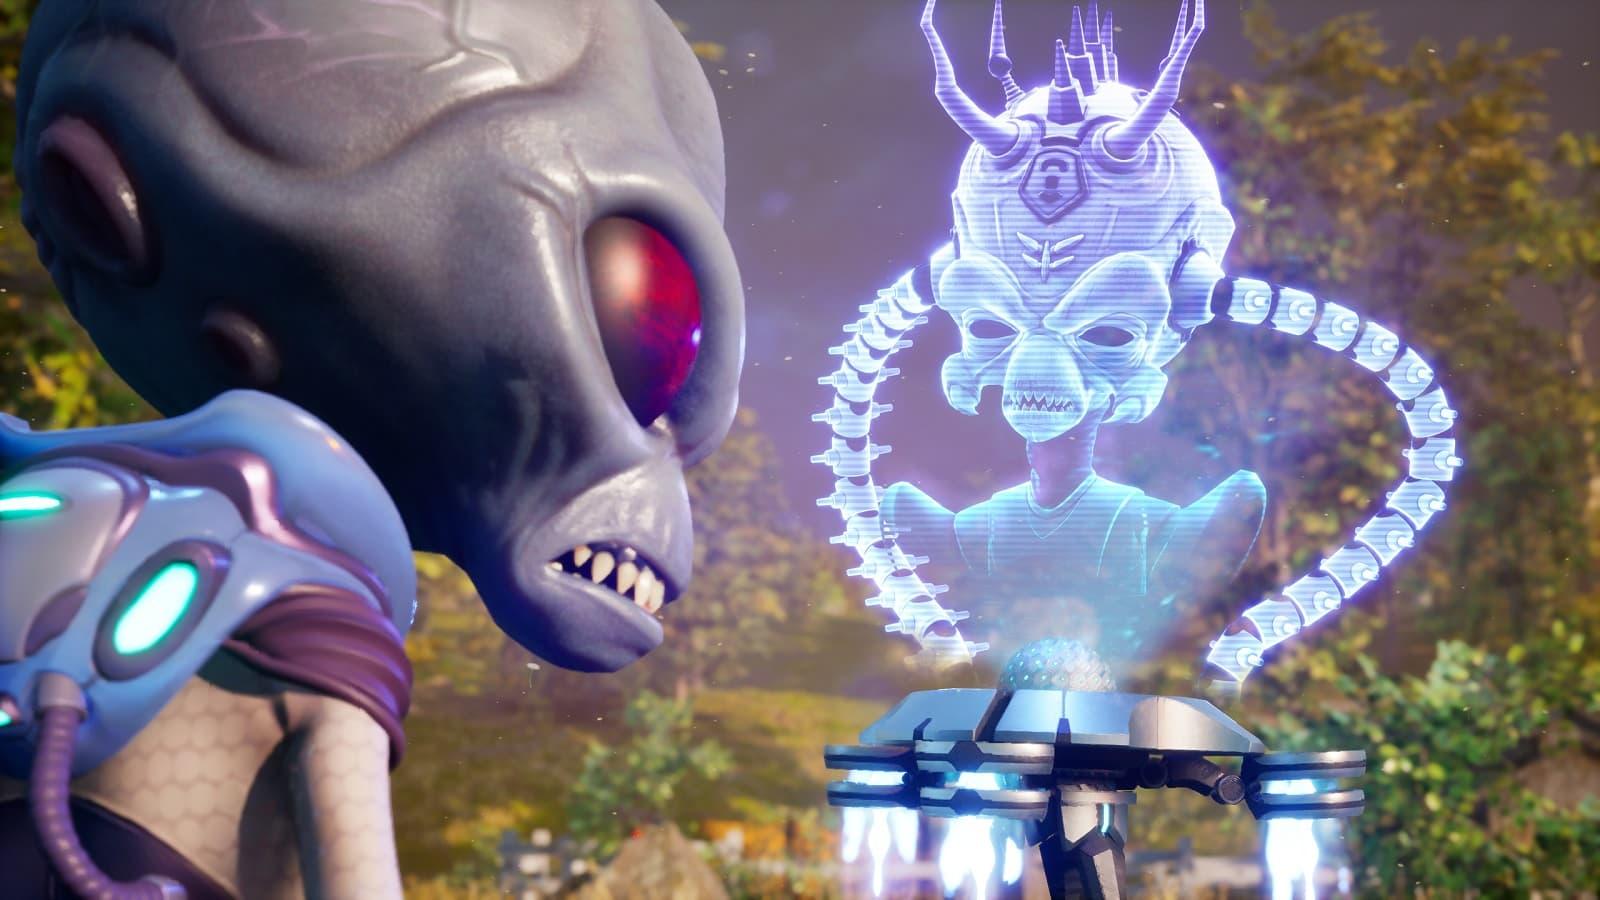 Рецензия на игру Destroy All Humans! - ремейк комедии про злобного пришельца Крипто-137 - 03